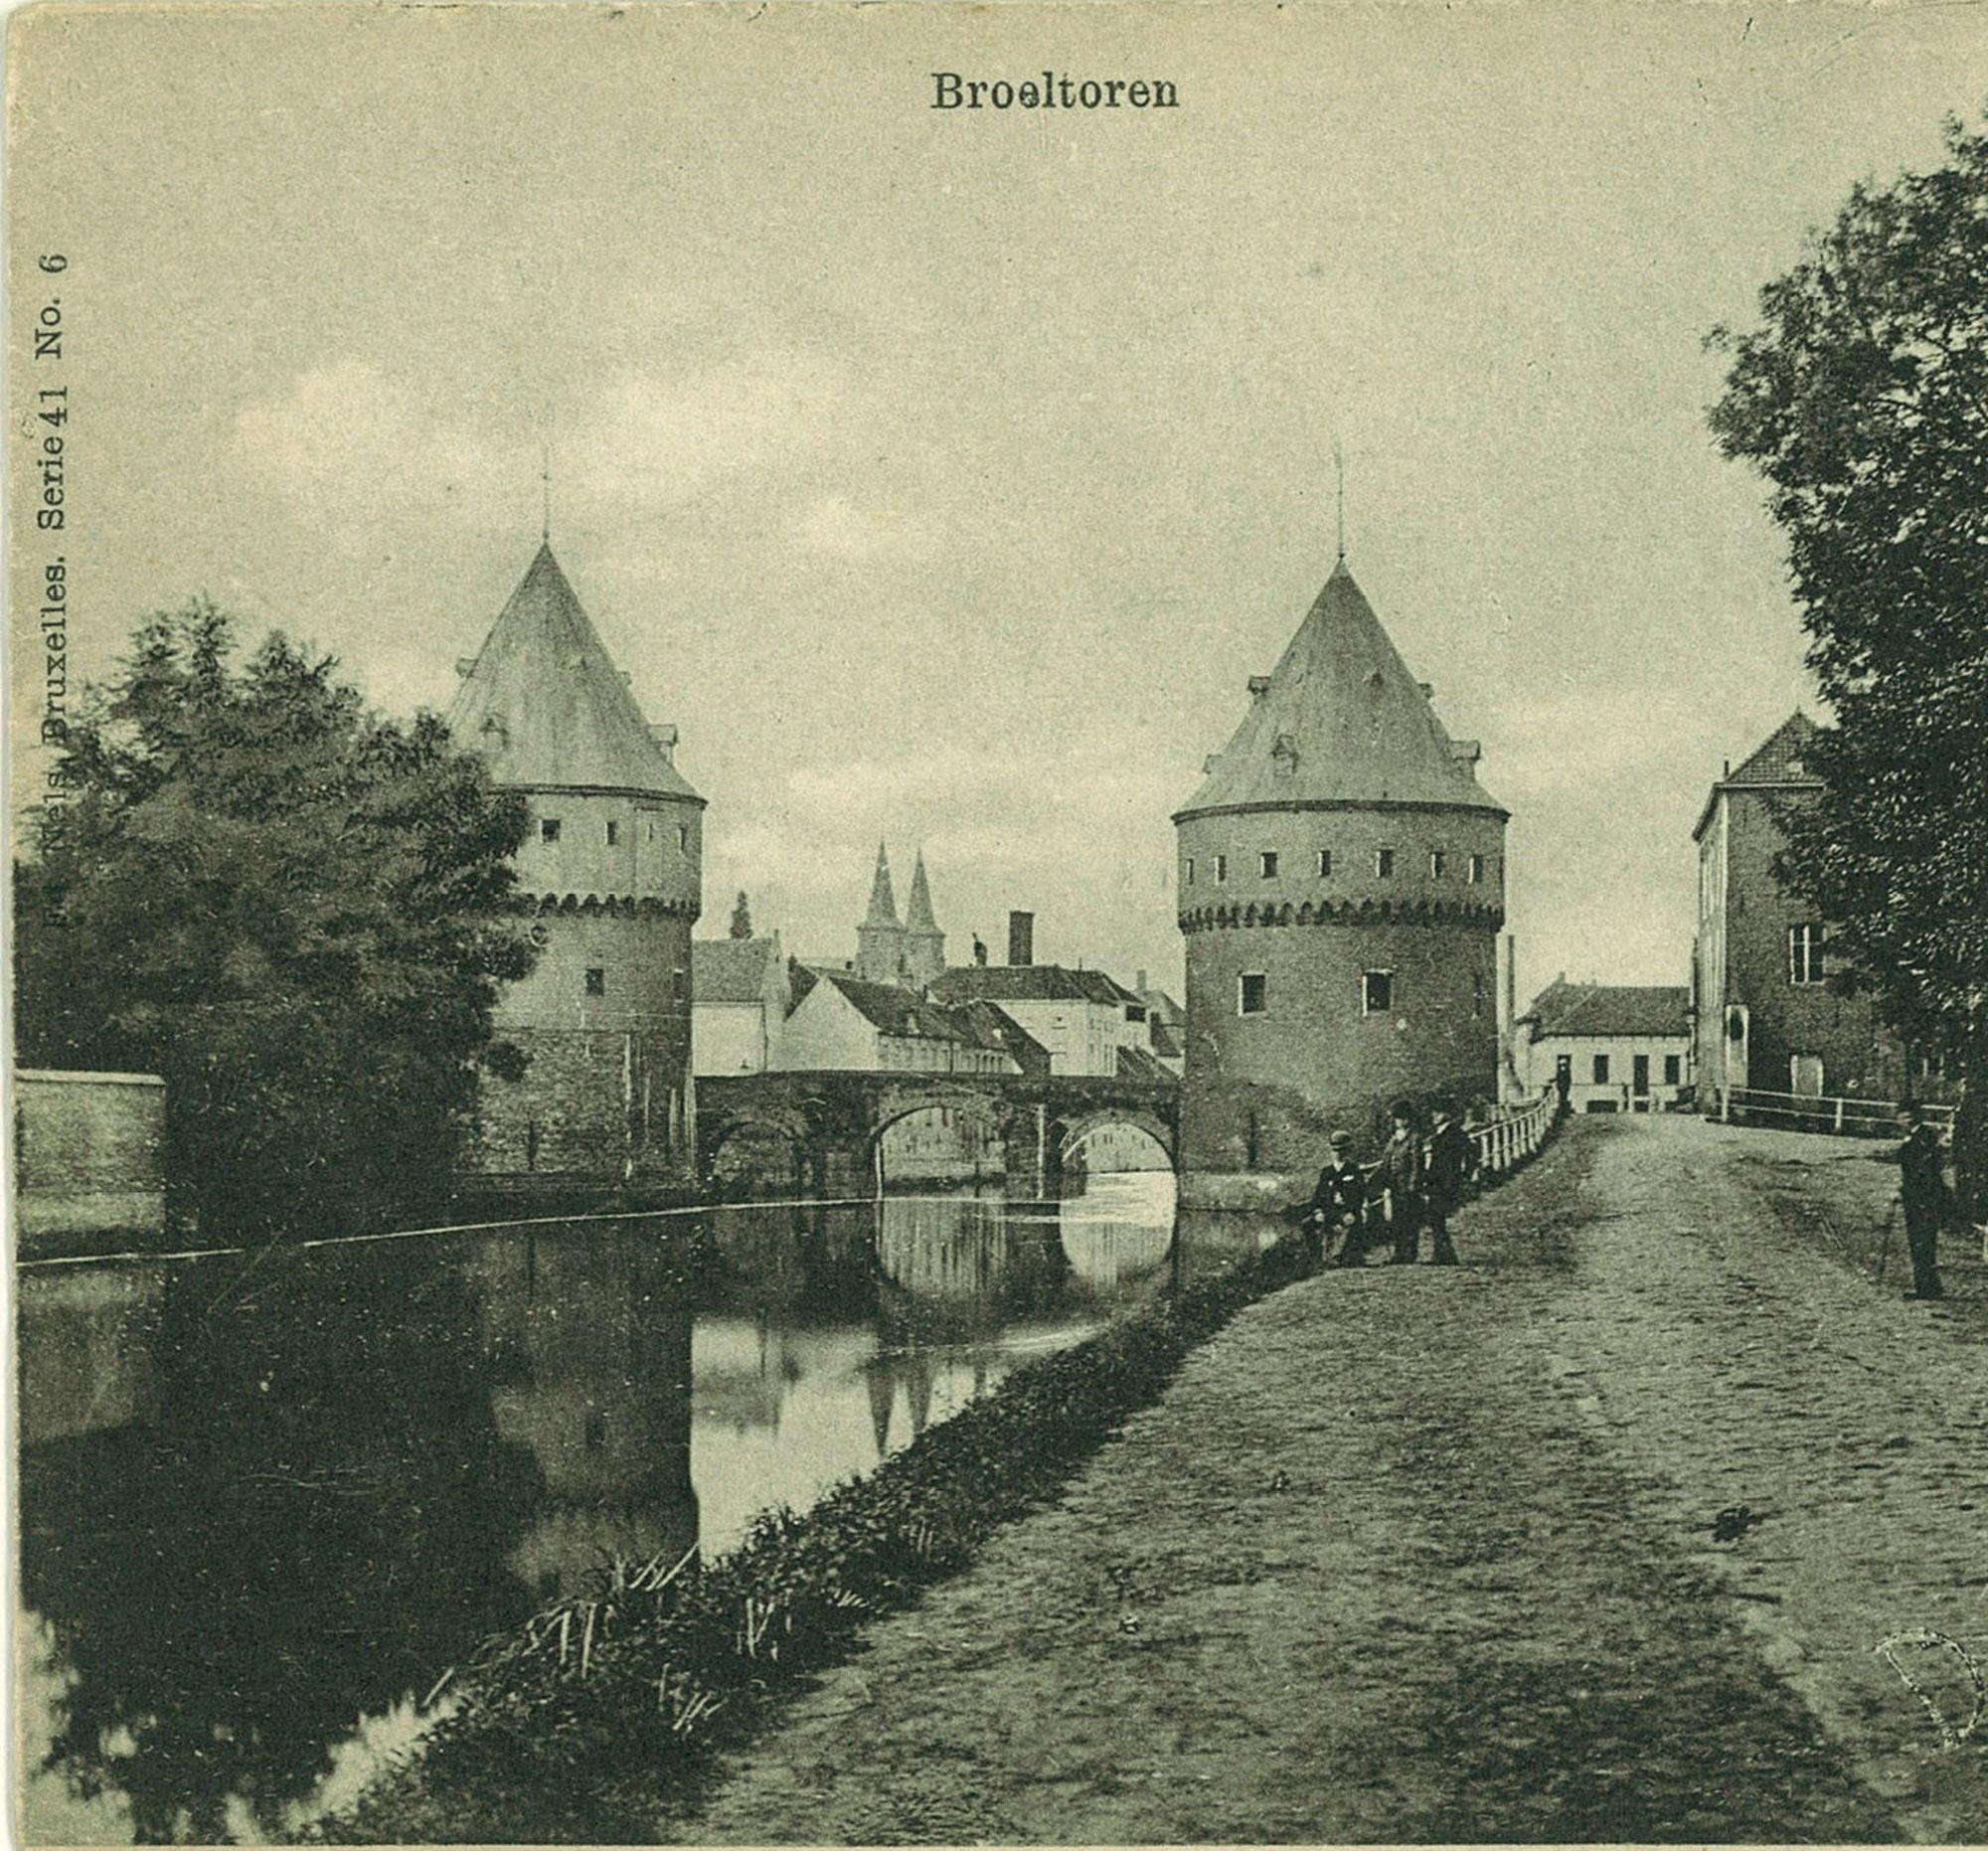 De Broeltorens in het jaar 1900